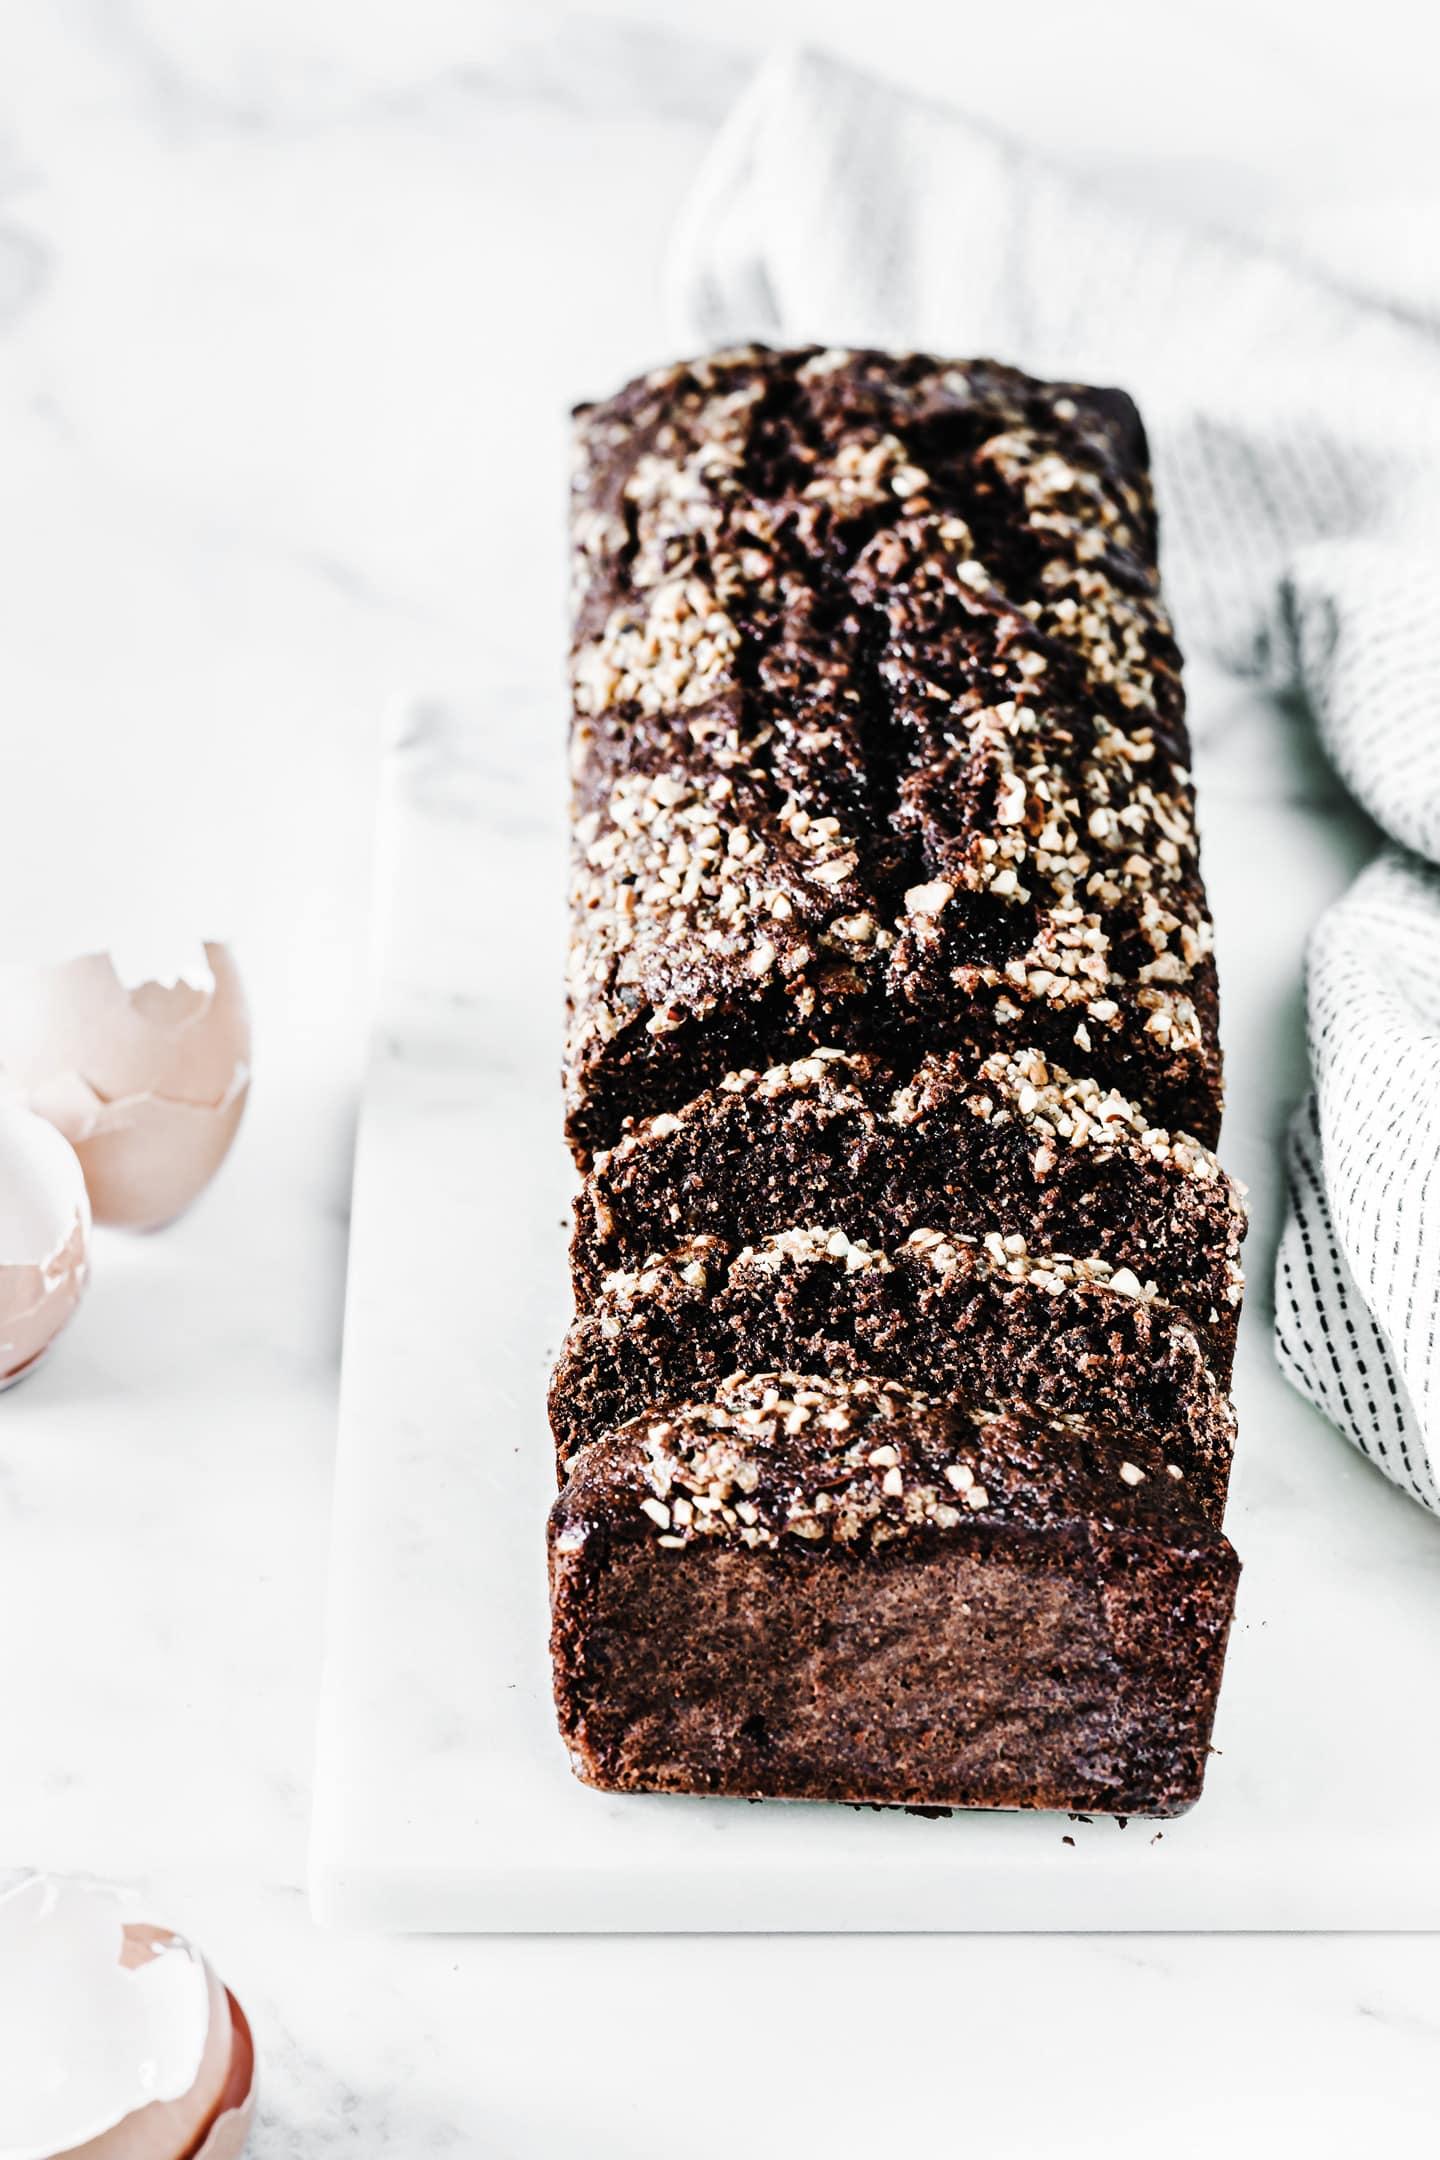 Best chocolate cake with hazelnut